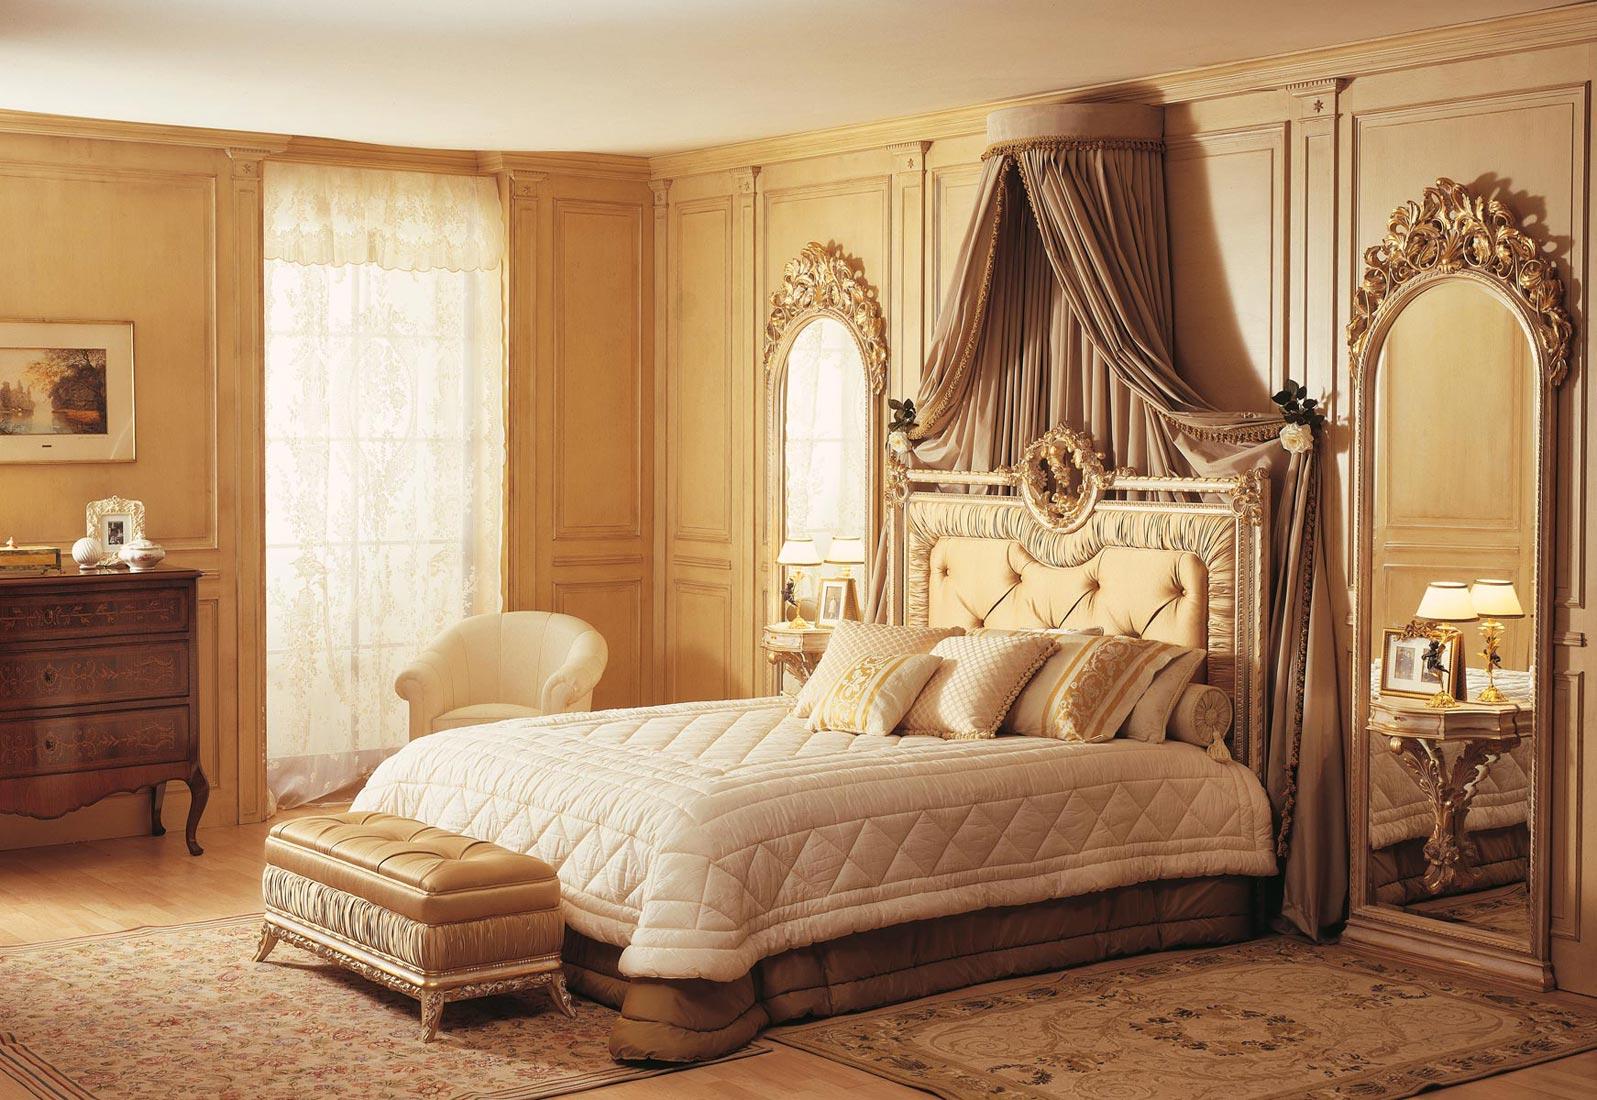 Camera da letto classica louvre letto e specchiere bianco - Camera da letto di lusso ...